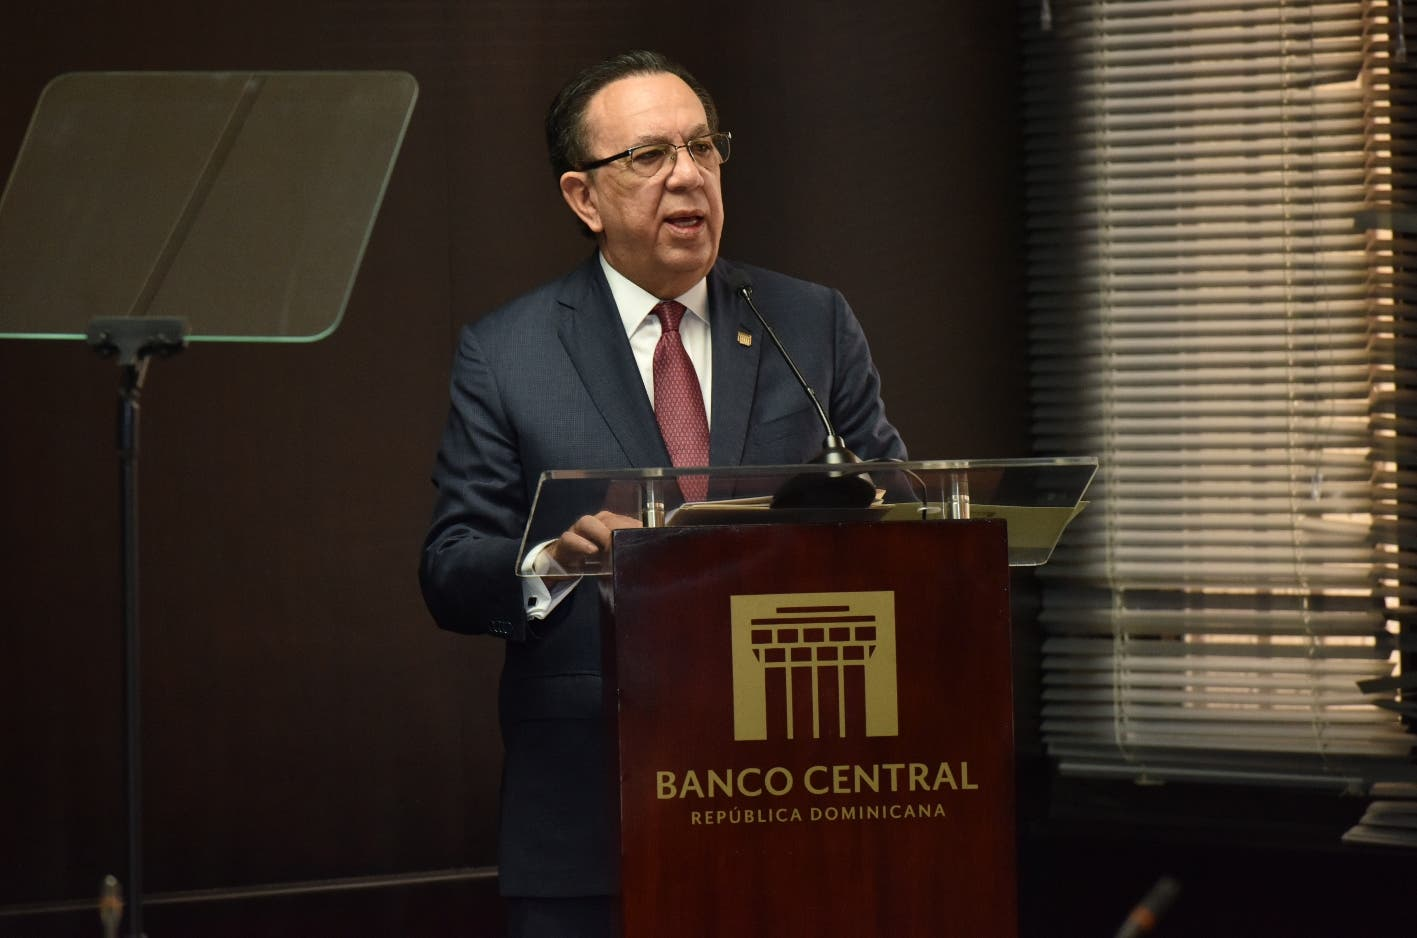 Nuevas medidas tomadas por Banco Central para mitigar impacto del COVID-19